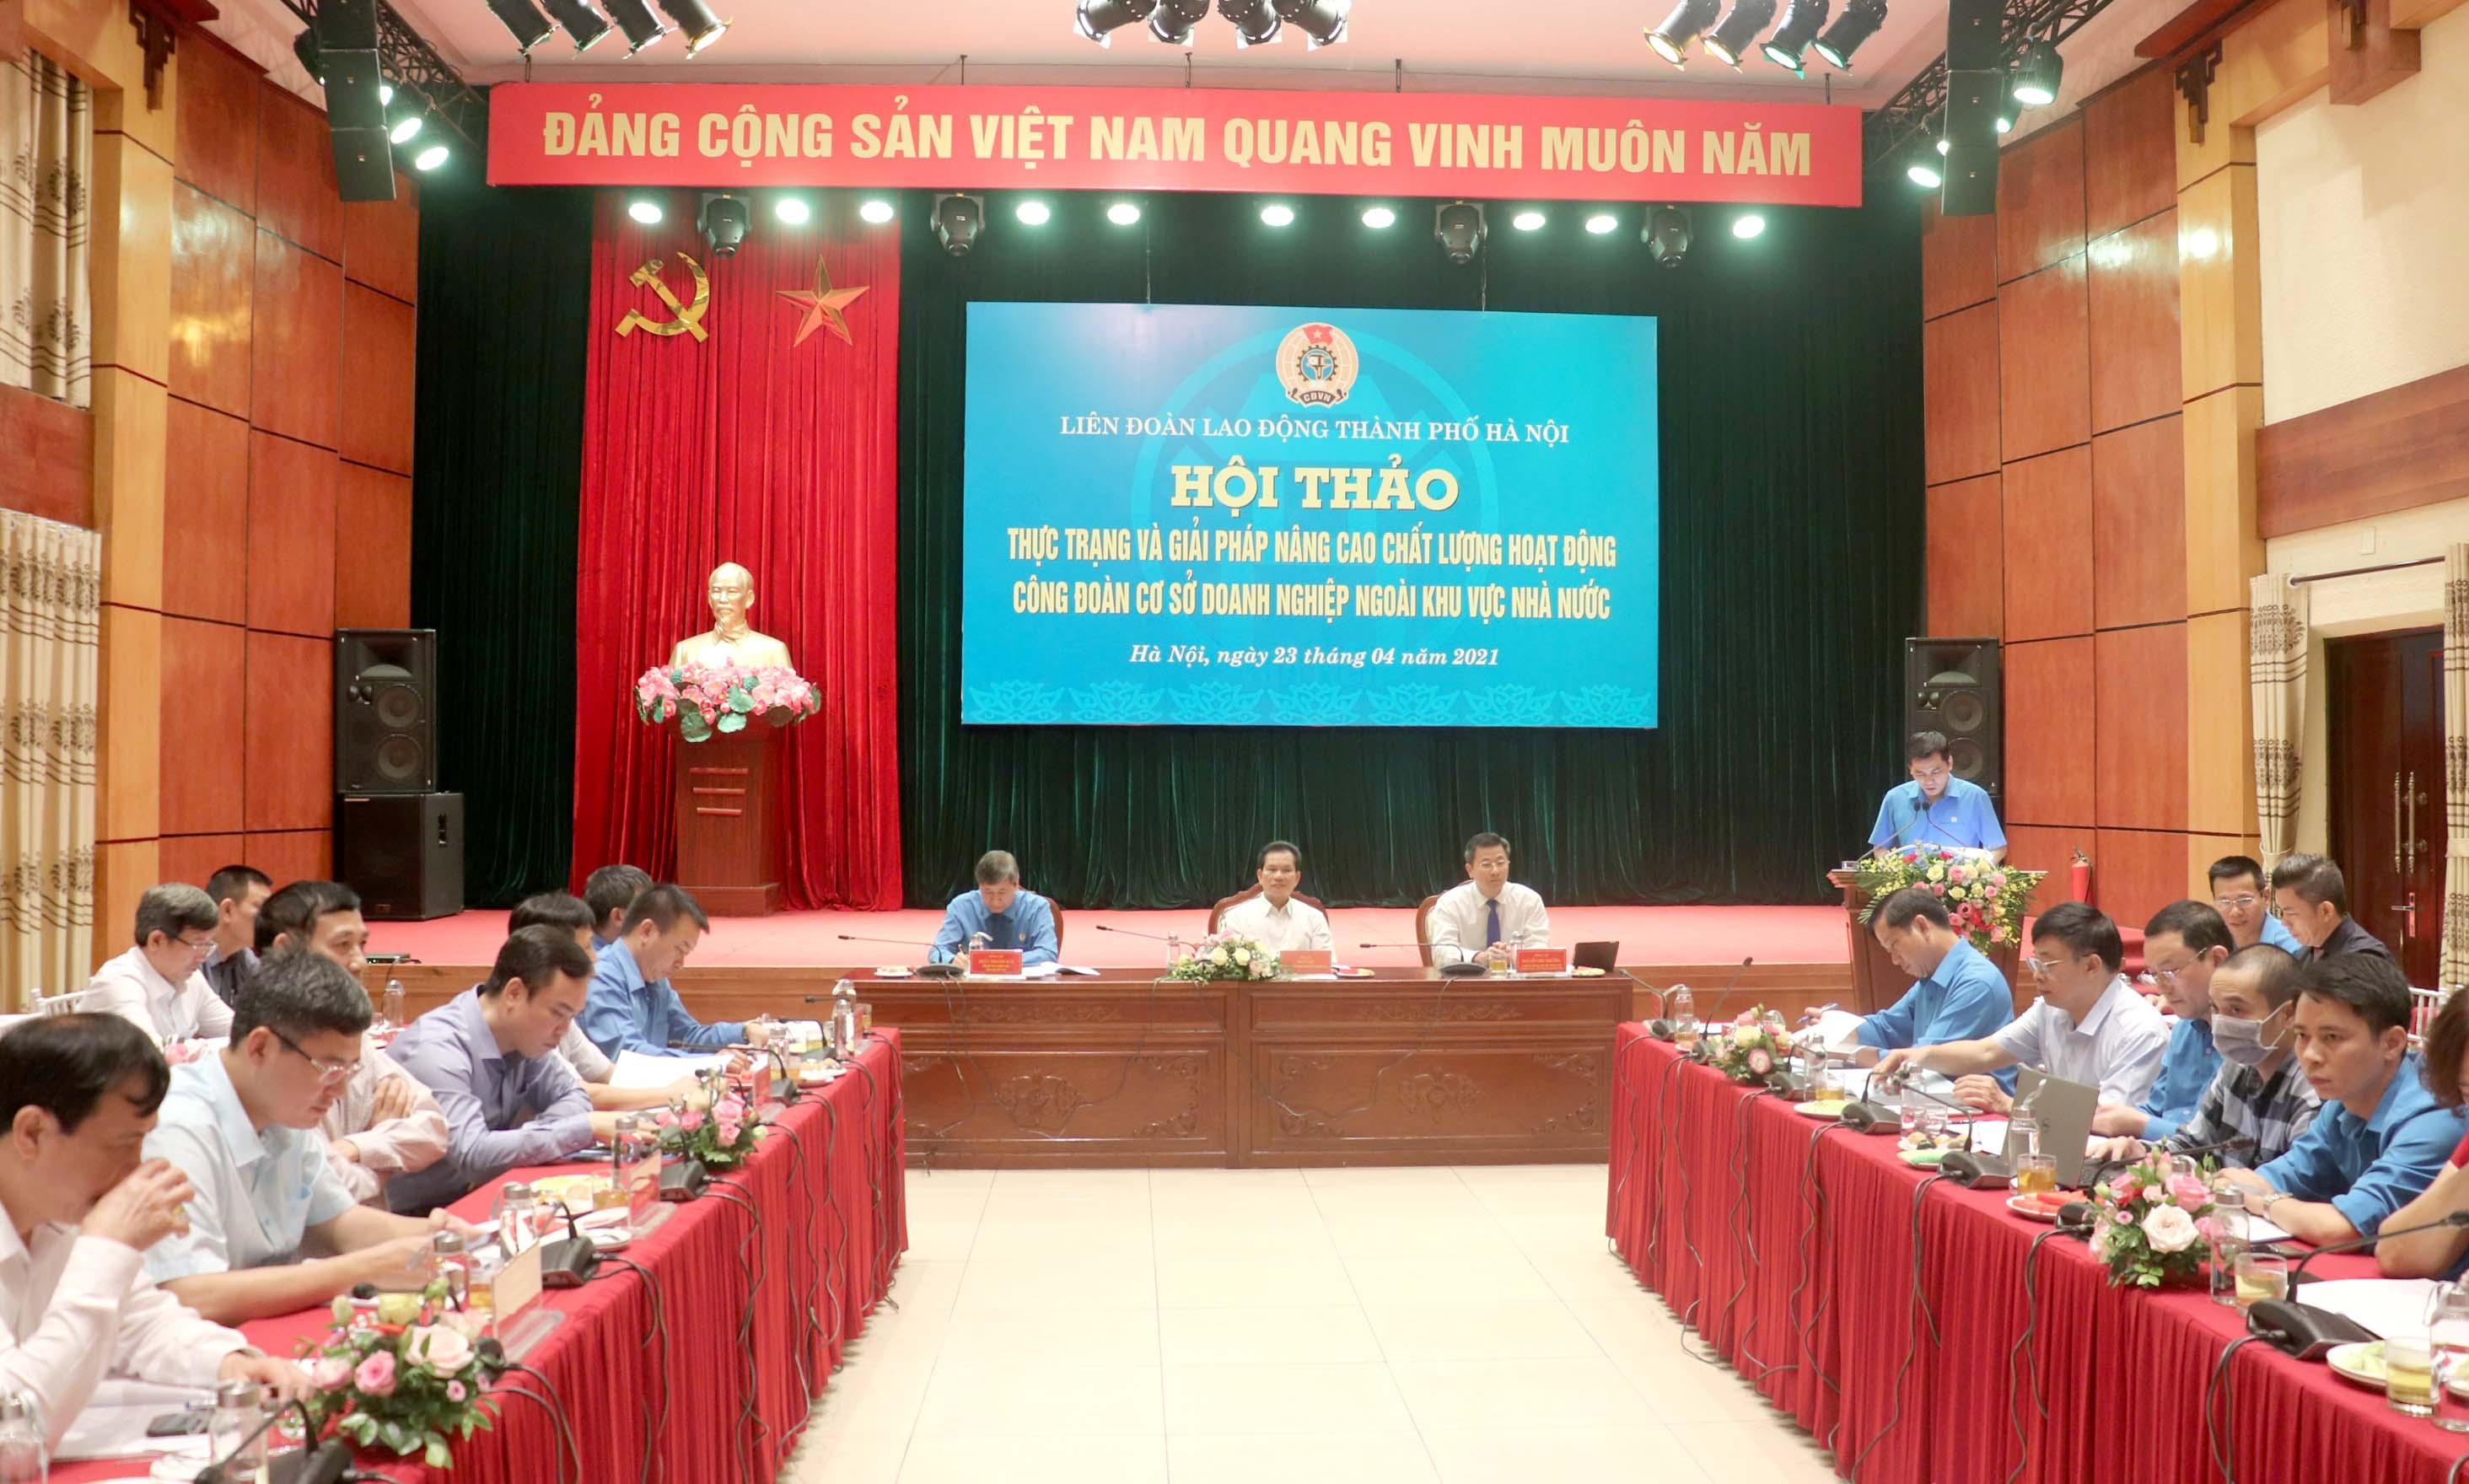 Nâng cao chất lượng hoạt động Công đoàn cơ sở doanh nghiệp ngoài Nhà nước